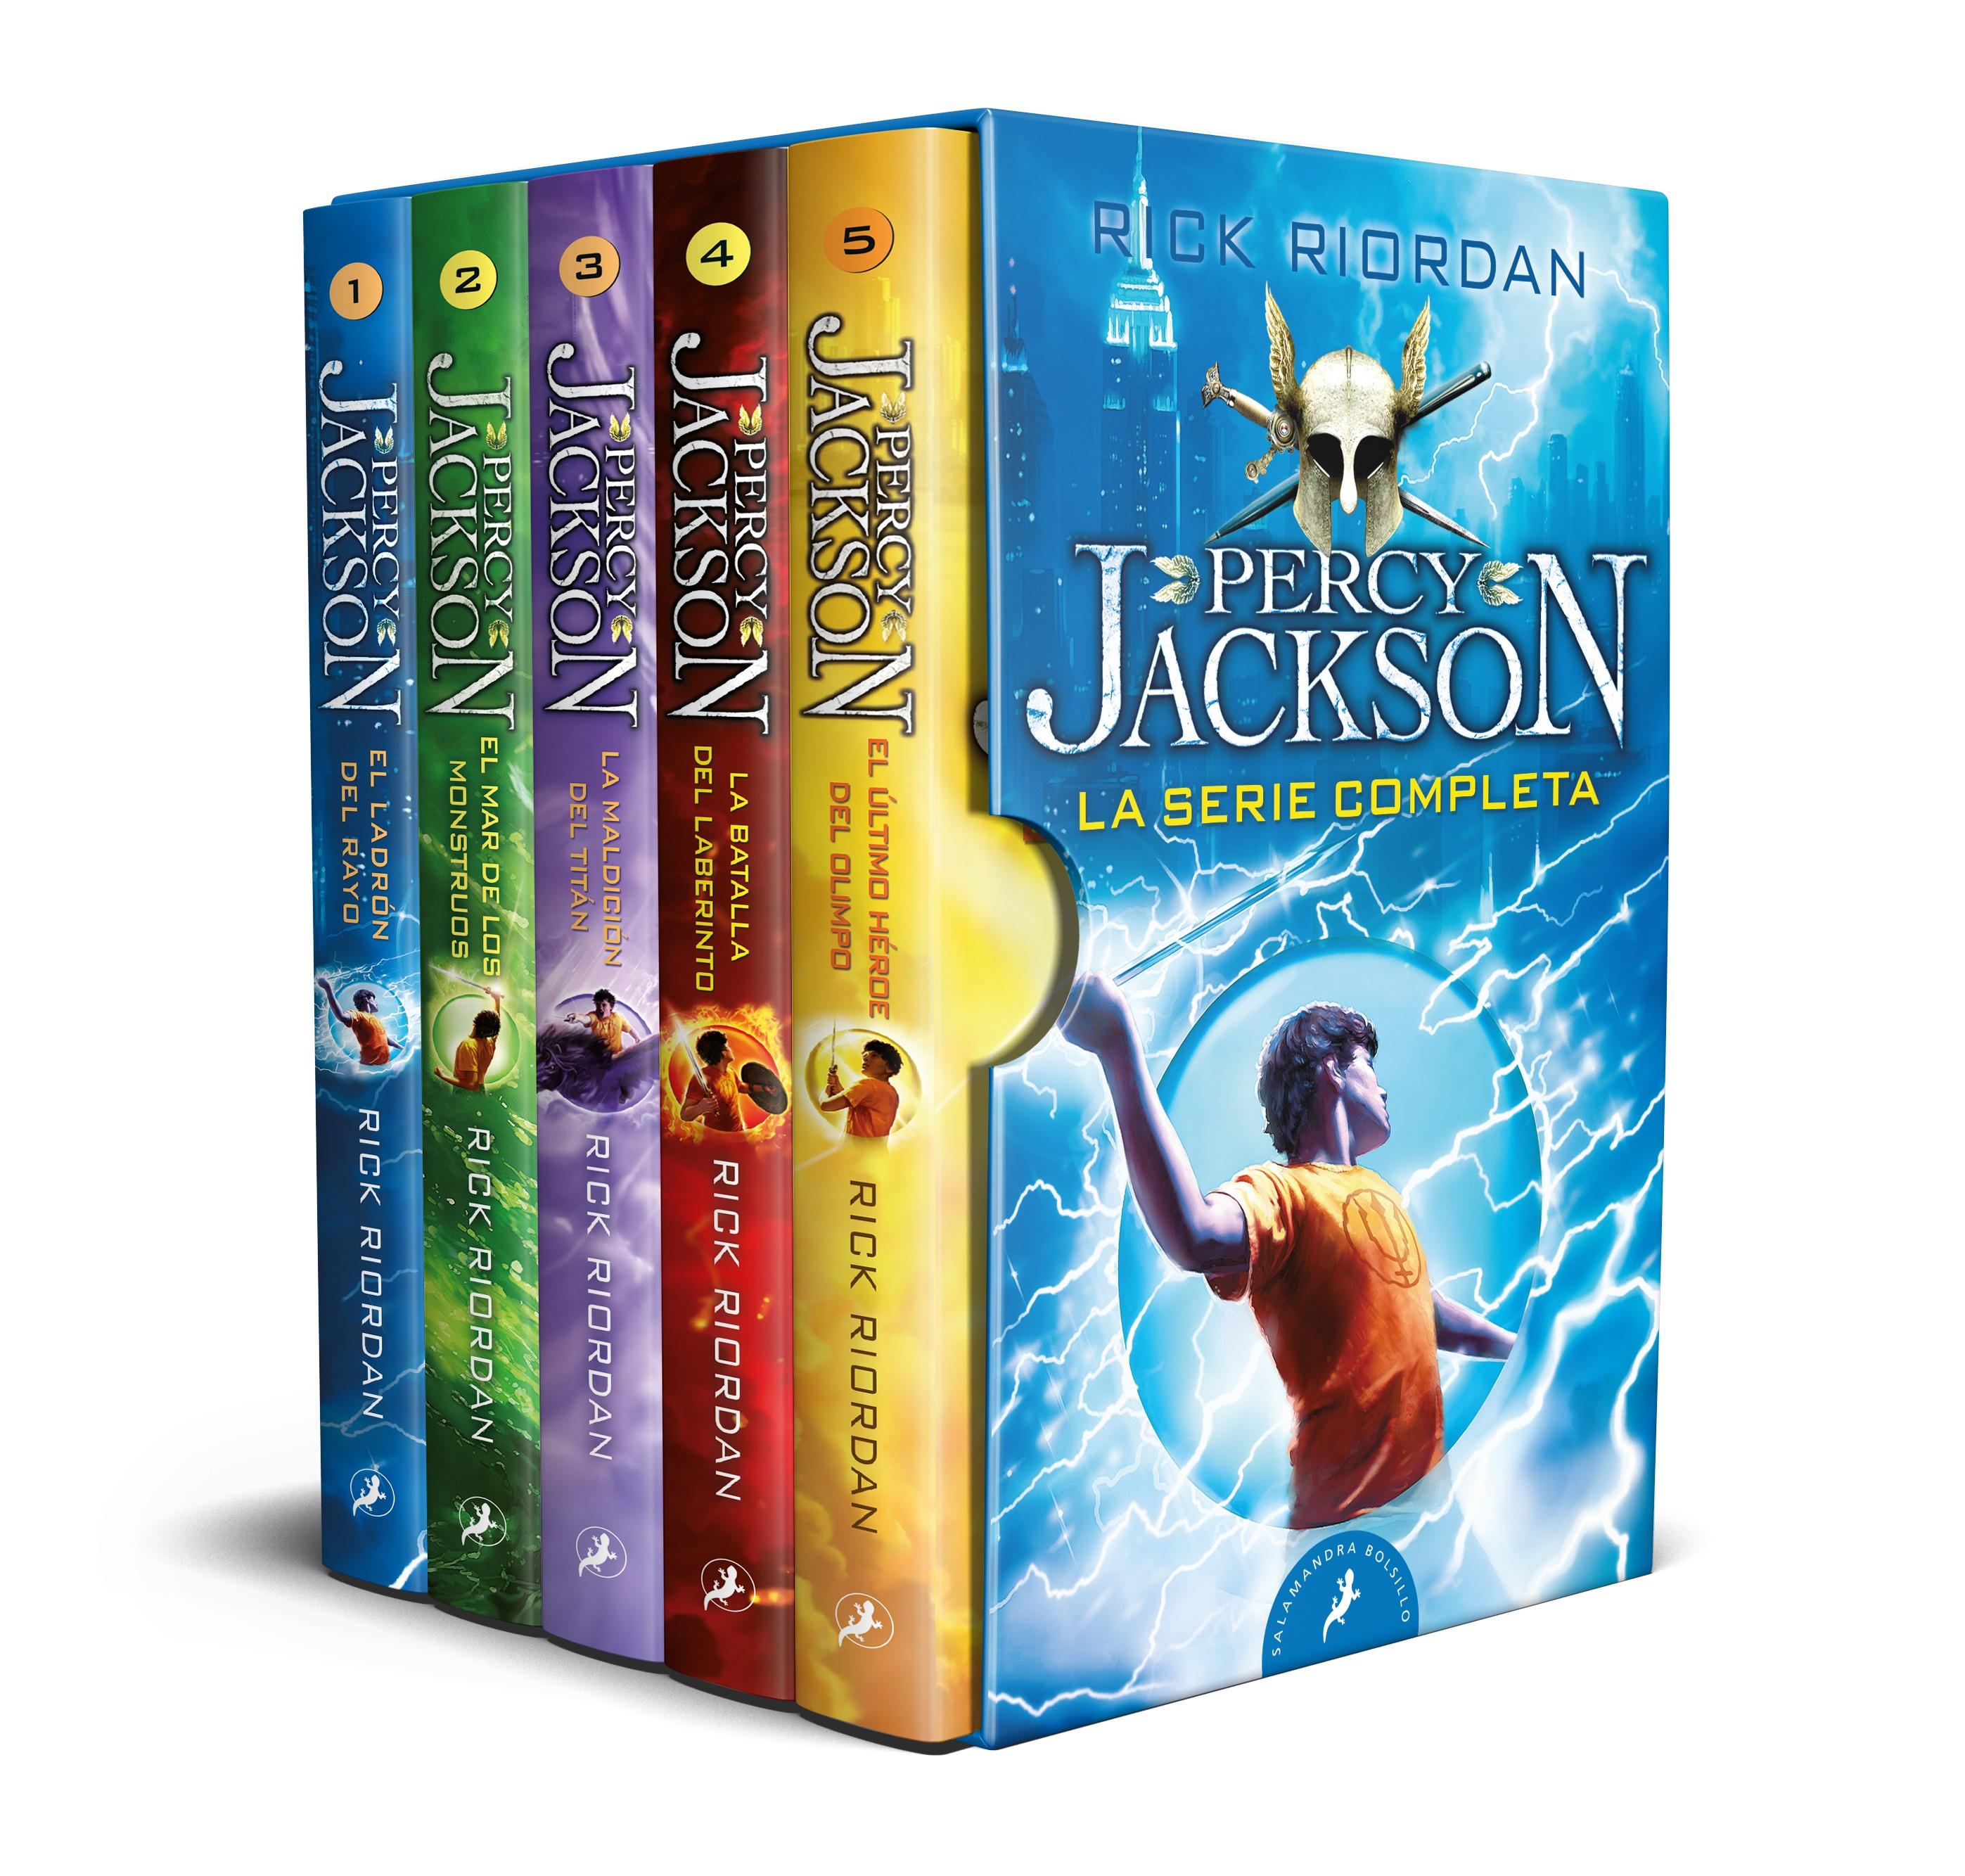 Percy Jackson y los dioses del Olimpo - La serie completa